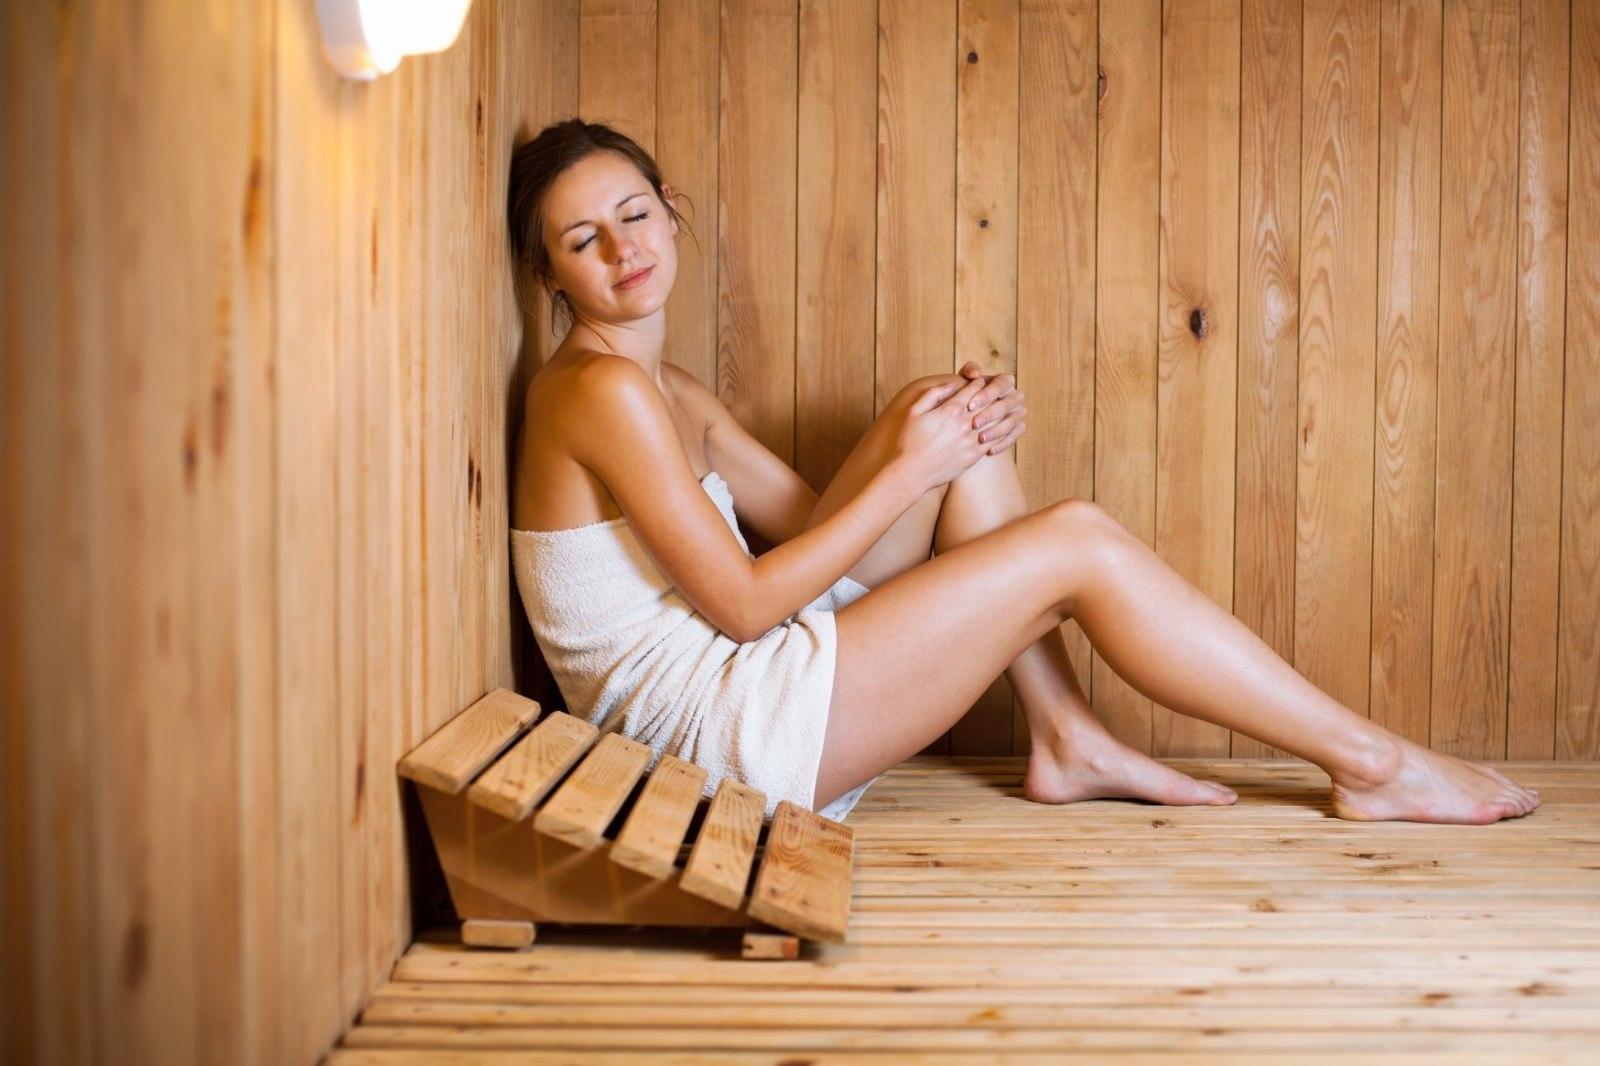 Фото зрелые баня, Частное фото сочных женщин в бане частное порно фото 21 фотография